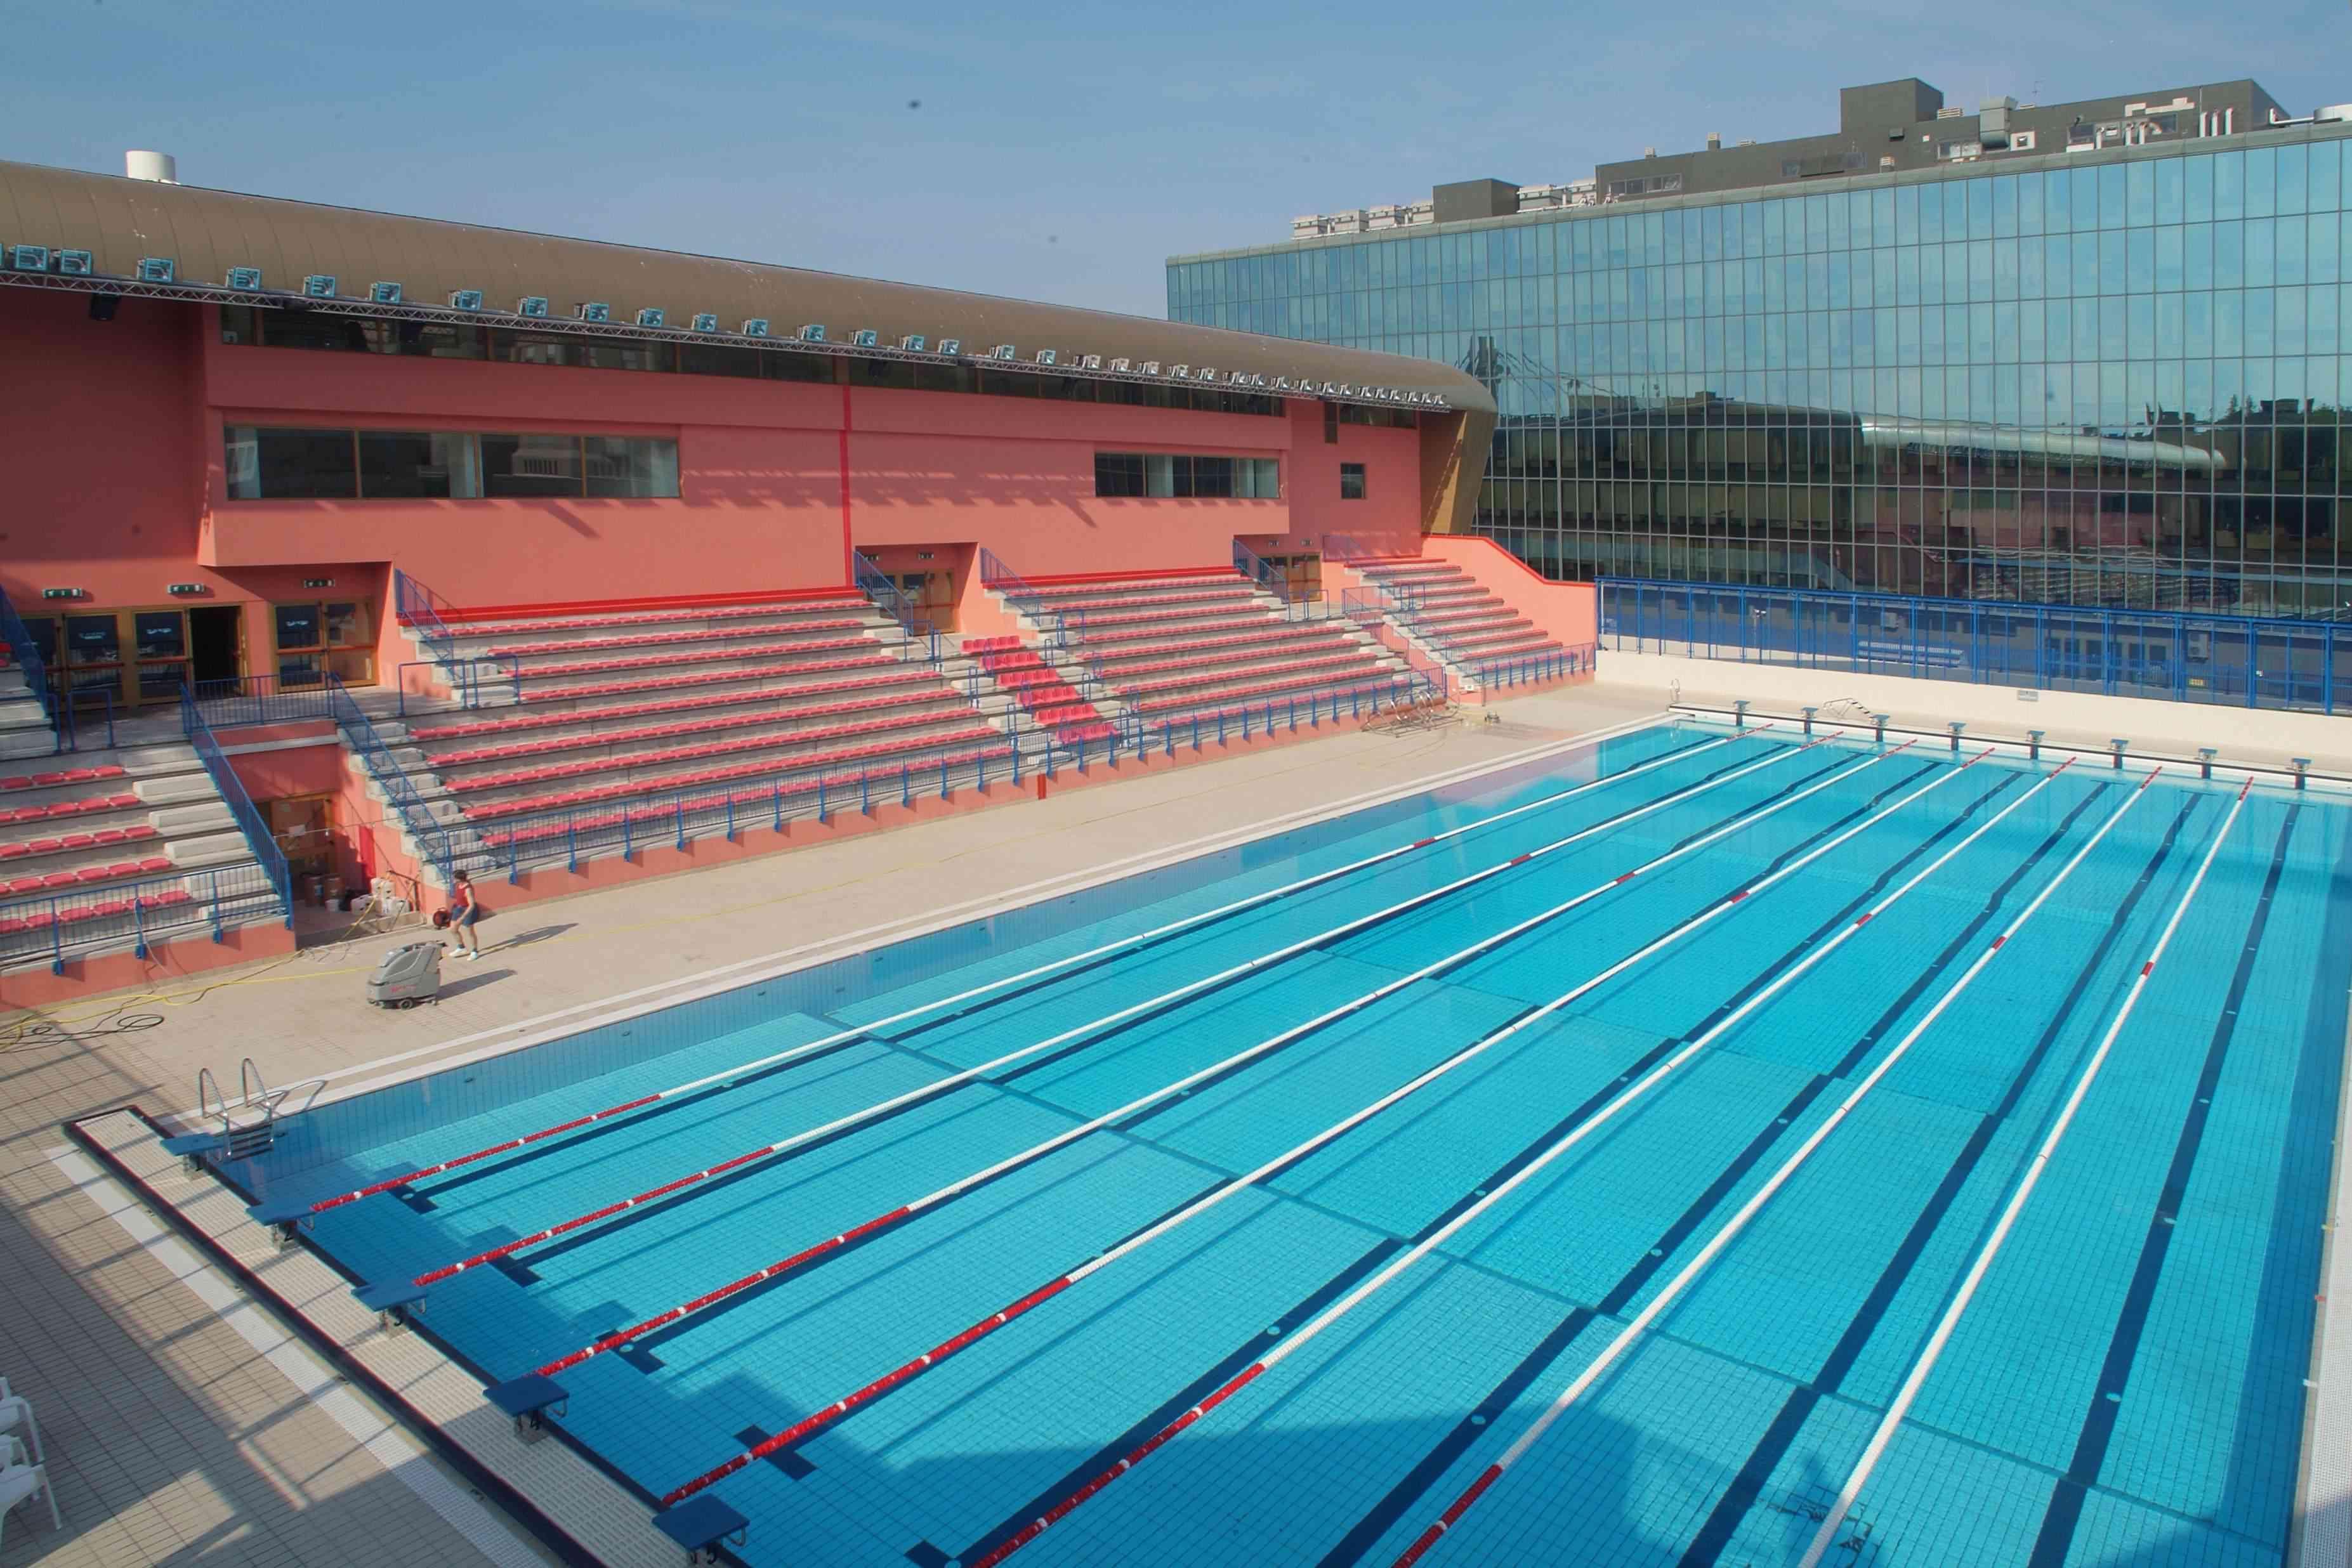 Prezzi e orari piscina scoperta piscina bianchi trieste - Piscina comunale livorno corsi acquagym ...